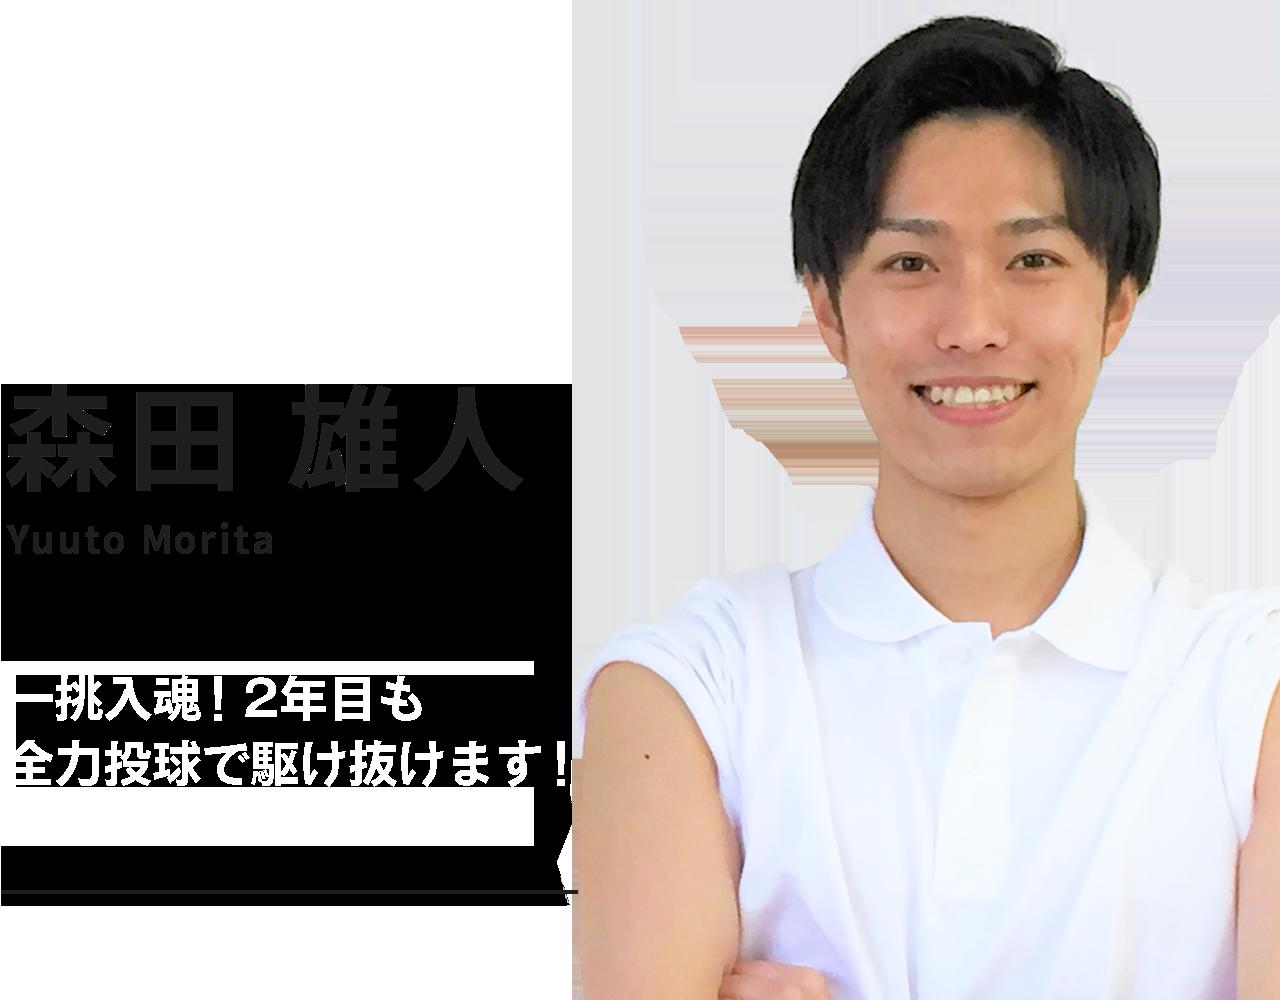 チャレンジャー:森田 雄人(5きげんどようび)